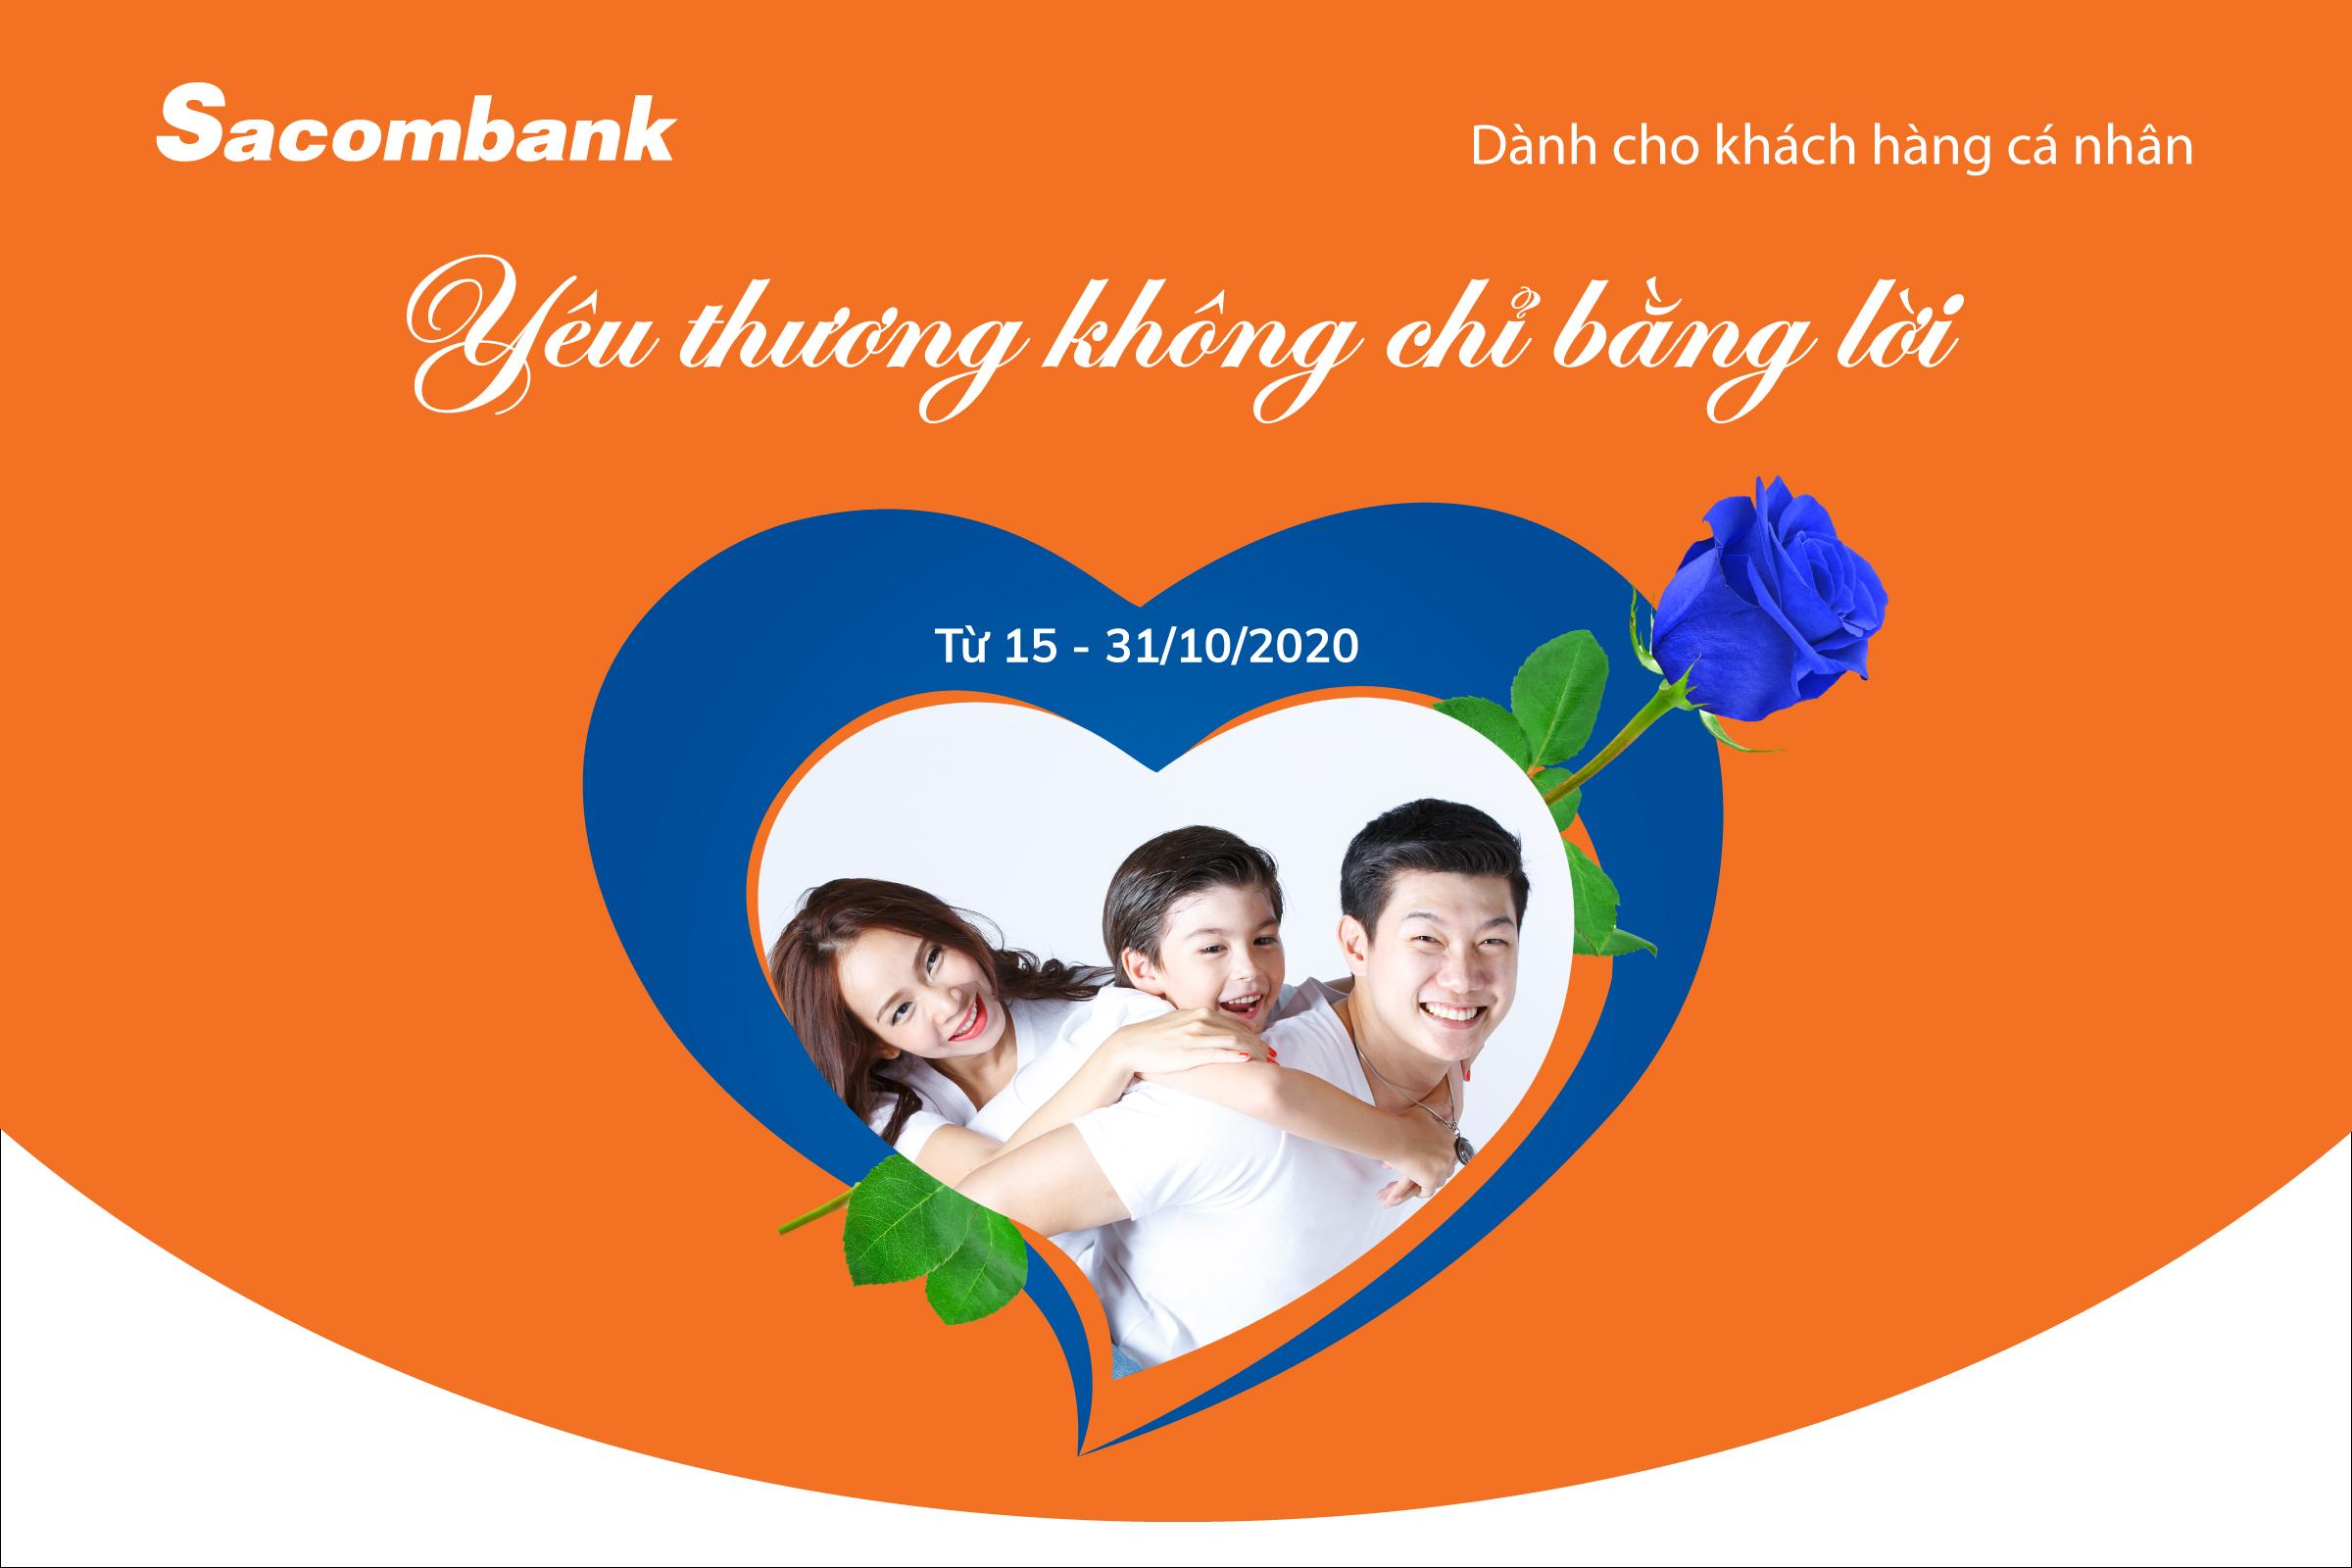 Sacombank có nhiều ưu đãi nhân ngày 20/10 - Ảnh 1.